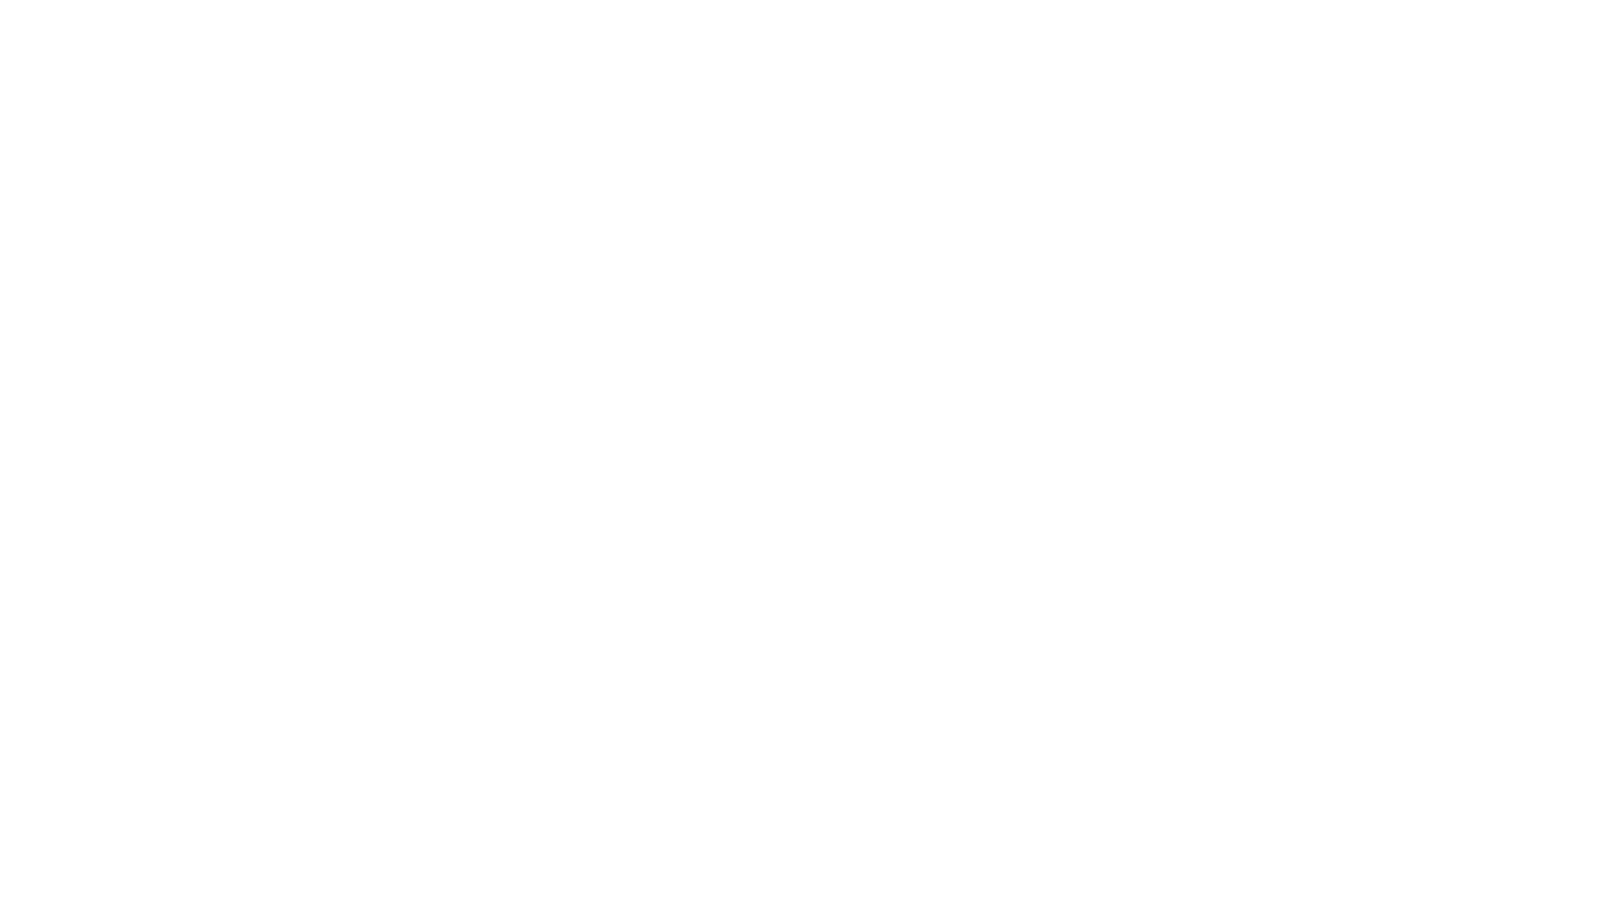 ESPAÑOL: Que tiene Escocia que ofrecerte? TODO! 🏴💜  Los paisajes más bellos del planeta según la votación de viajeros en 2017, grandes playas de arena blanca 🏖️,  verdes montañas y valles 🏞️, enormes lagos como el Ness 🗻 y muchos otros, ríos de agua pura utilizada para elaborar el mejor whisky del mundo 🥃, castillos de cine 🏰  , pueblecitos de película ⛪, villas de amigables lugareños 🏚️, arte, cultura, gastronomía 🍝, premios Nobel como la contribución con la penicilina💉🔬, televisión 📺, neumático inflable 🚙, bicicleta a pedales 🚲, la economía 🎟️, literatura, teléfono 📞, y prácticamente todos los principales descubrimientos que cambiaron nuestra vidas, reconocidos músicos 🎶 🎹 y escritores 📕, actores 🎥, leyendas y mitología Celta 🧜🧚y una lista interminable. 🌁🌉⛰️🏝️🏞️  CIRCUITOS TODO INCLUIDO EN ESPAÑOL o ENGLISH. Todas las facilidades Anti-Covid 💚  🌐 www.ScotlandTrips.International 📧 Email: info@scotlandtrips.international 🗣️ WhatsApp: +44 7547 813827 / +34 627 477 709  TOUR CIRCUITS ALL-INCLUSIVE IN ENGLISH or SPANISH. All measures Anti-Covid💚  ENGLISH: What does Scotland have to offer you?  EVERYTHING!  🏴💜  The most beautiful landscapes on the planet according to the travelers vote in 2017, great white sand beaches 🏖️, green mountains and valleys 🏞️, huge lakes like the Ness 🗻 and many others, rivers of pure water used to make the best whiskey in the world 🥃, cinema castles 🏰, movie villages ⛪, friendly local villages 🏚️, art, culture, gastronomy 🍝, Nobel Prize winners as contribution to penicillin 💉🔬, television 📺, inflatable tire 🚙, pedal bike 🚲, economy 🎟️  , literature, telephone 📞, and practically all the major discoveries that changed our lives, renowned musicians 🎶 🎹 and writers 📕, actors 🎥, Celtic mythology and legends 🧜🧚 and an endless list.  🌁🌉⛰️🏝️🏞️  ----- #vacaciones  #Holidays  #circuitos  #Fitur #Inspiration  #actualidad  #ToursdeOutlander  #Ofertas  #News  #HarryPotter  #Escocia  #ScotlandTrips  #ToursInScotland  #Edimburgo #Edinburgh  #ReceptivosEnEsc